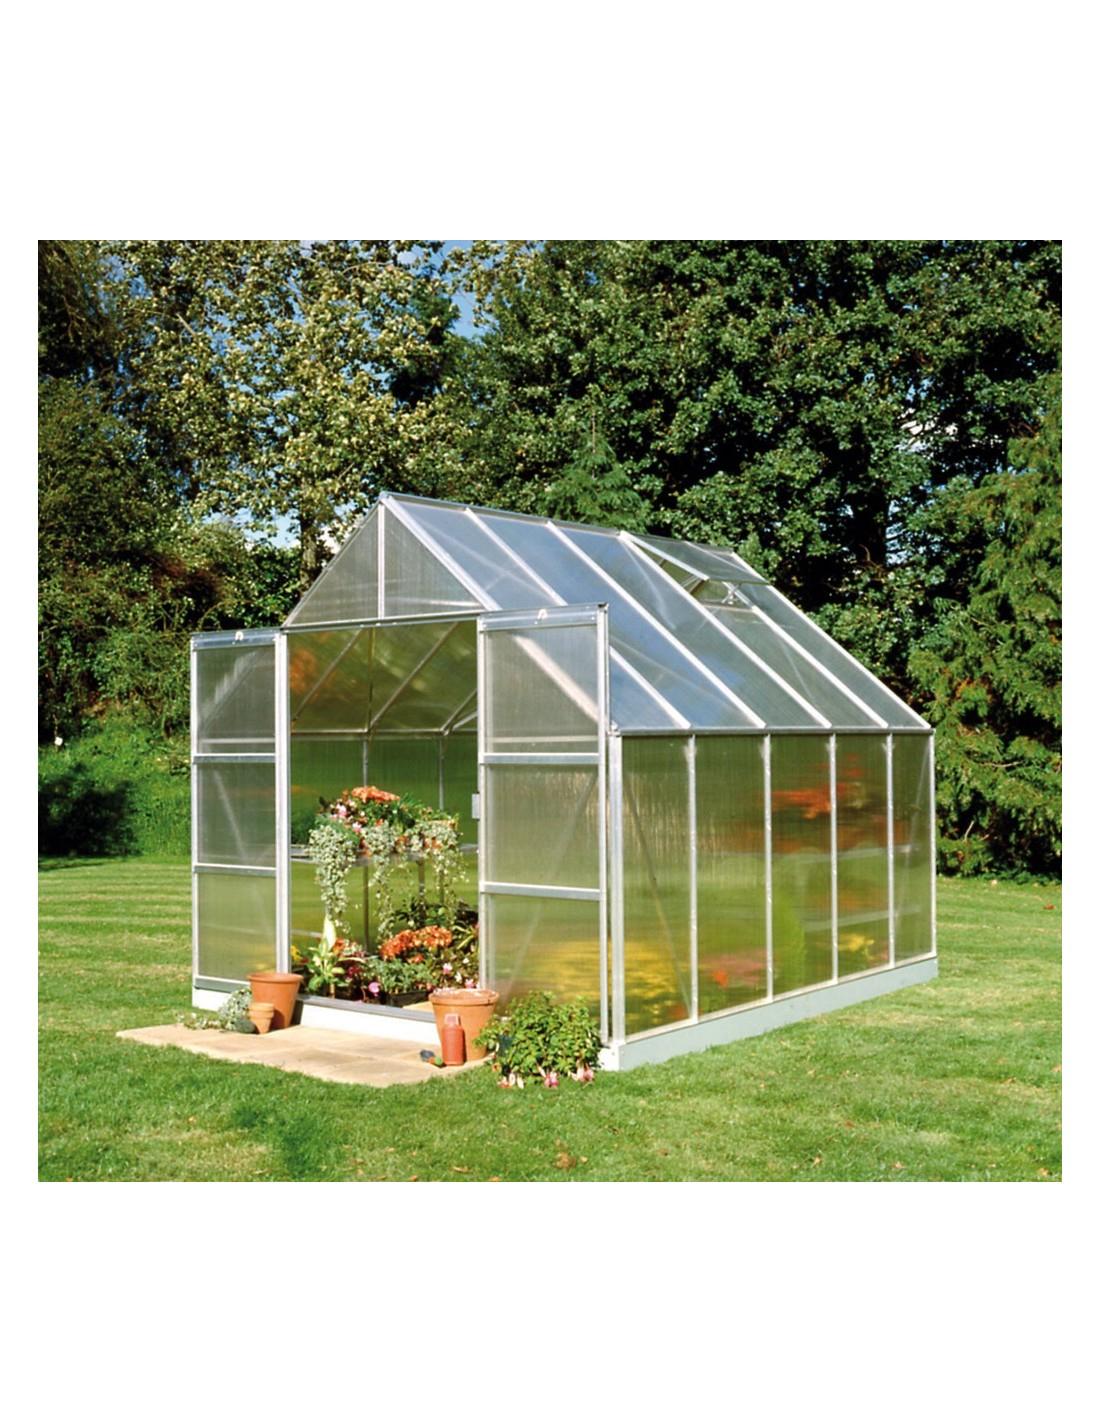 Serre De Jardin Magnum 9,9 M² - Polycarbonate De 6 Mm pour Ma Serre De Jardin